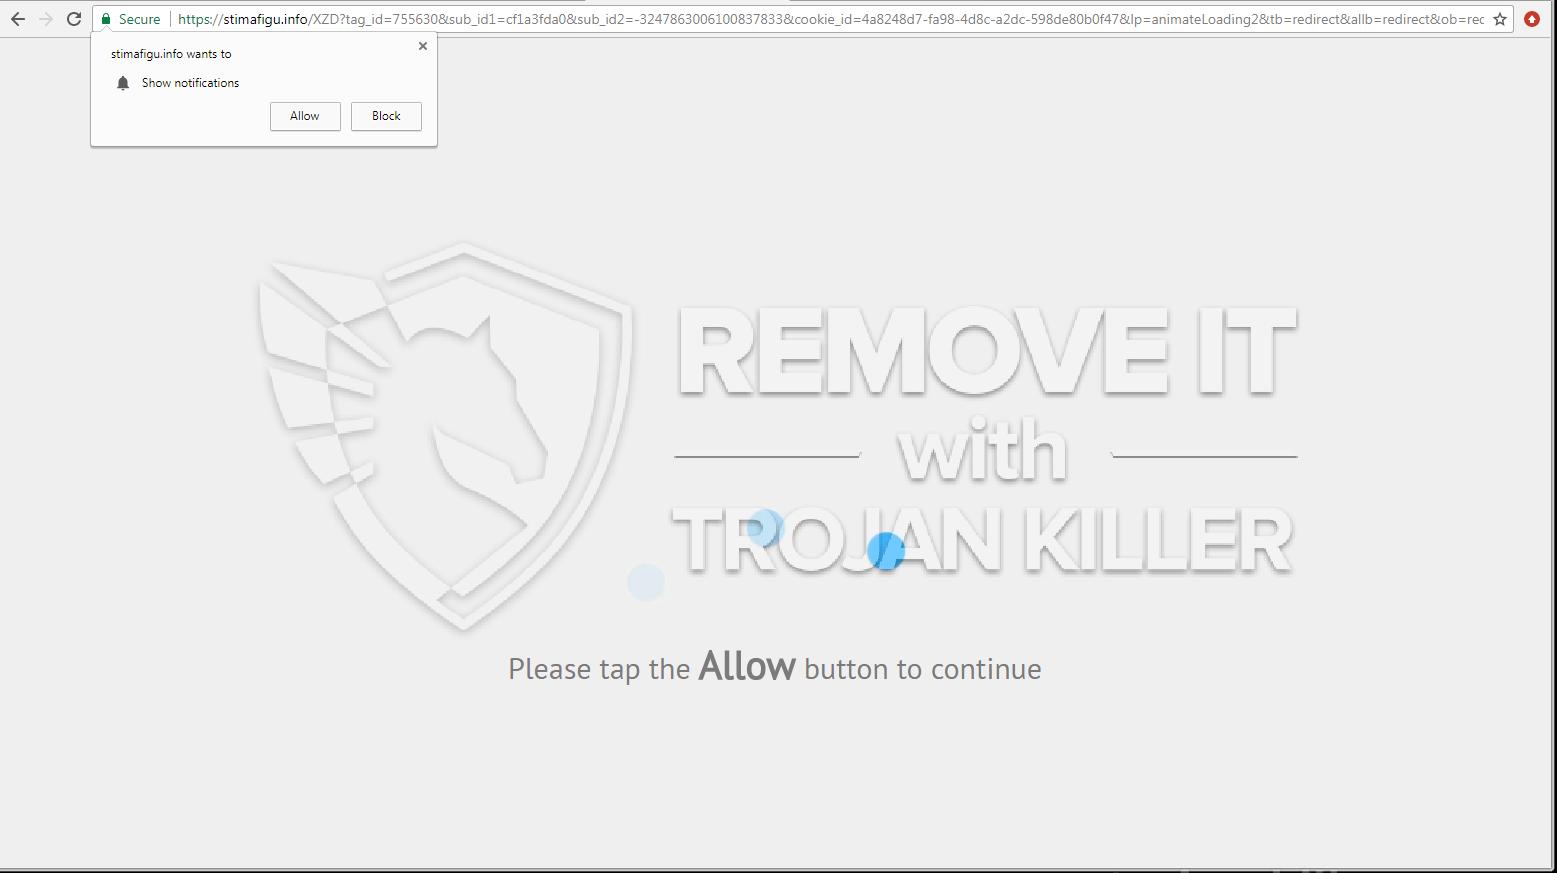 remove Stimafigu.info virus